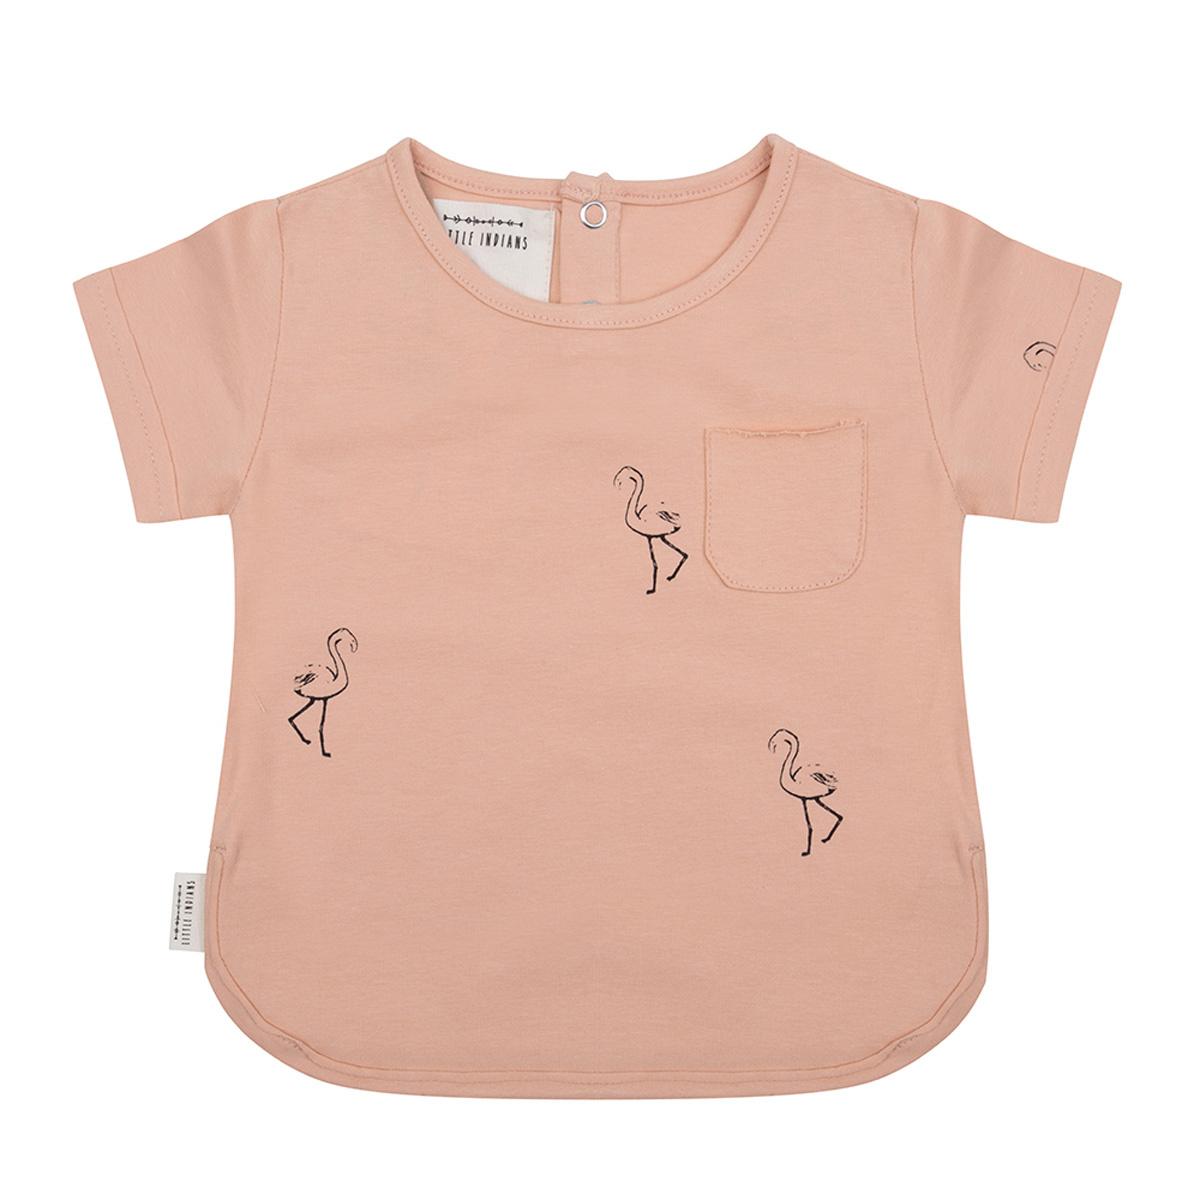 Hauts bébé T-Shirt Flamingo Corail - 3/6 Mois T-Shirt Flamingo Corail - 3/6 Mois